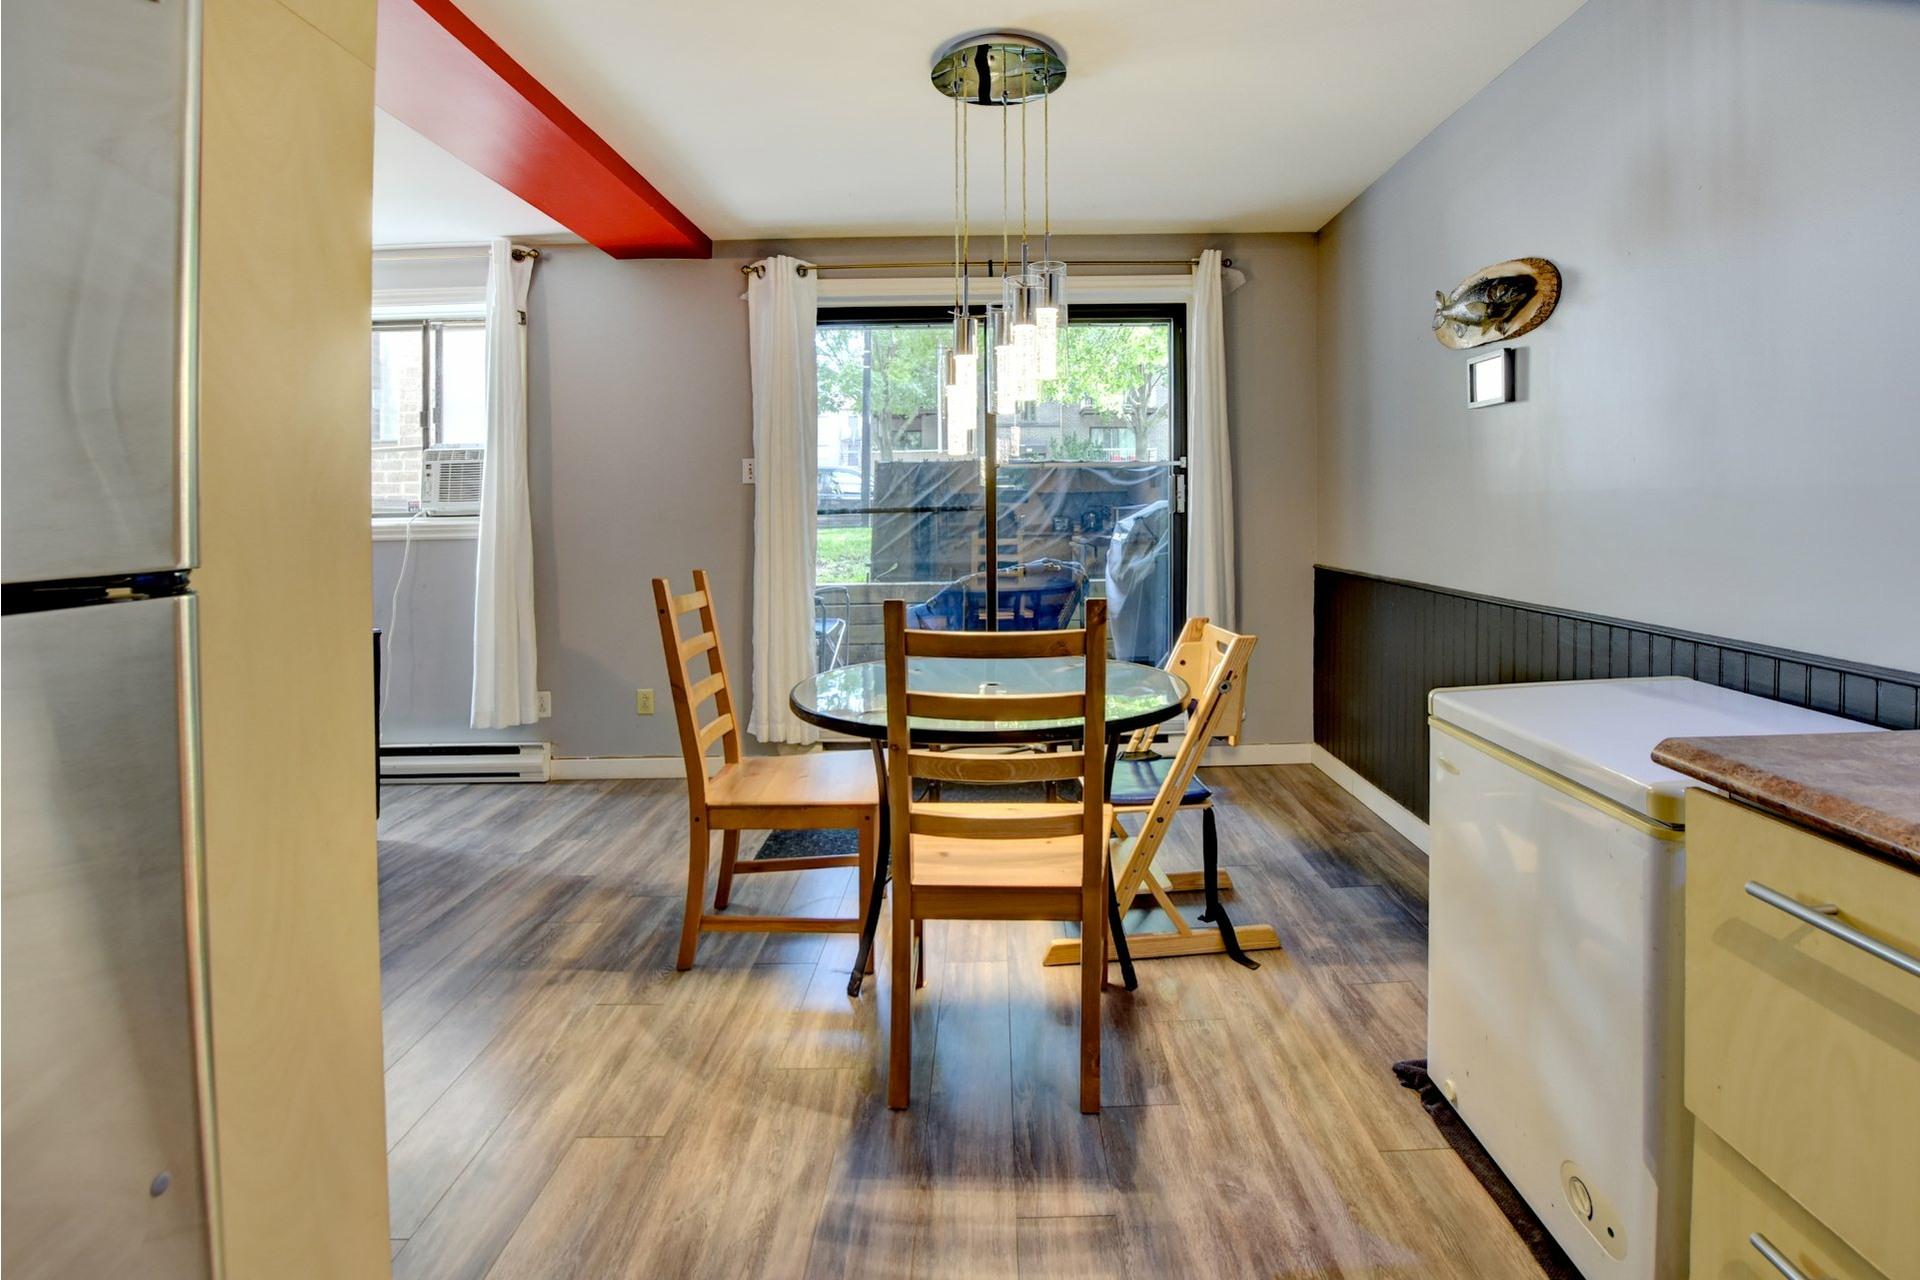 image 6 - Appartement À vendre Rivière-des-Prairies/Pointe-aux-Trembles Montréal  - 6 pièces